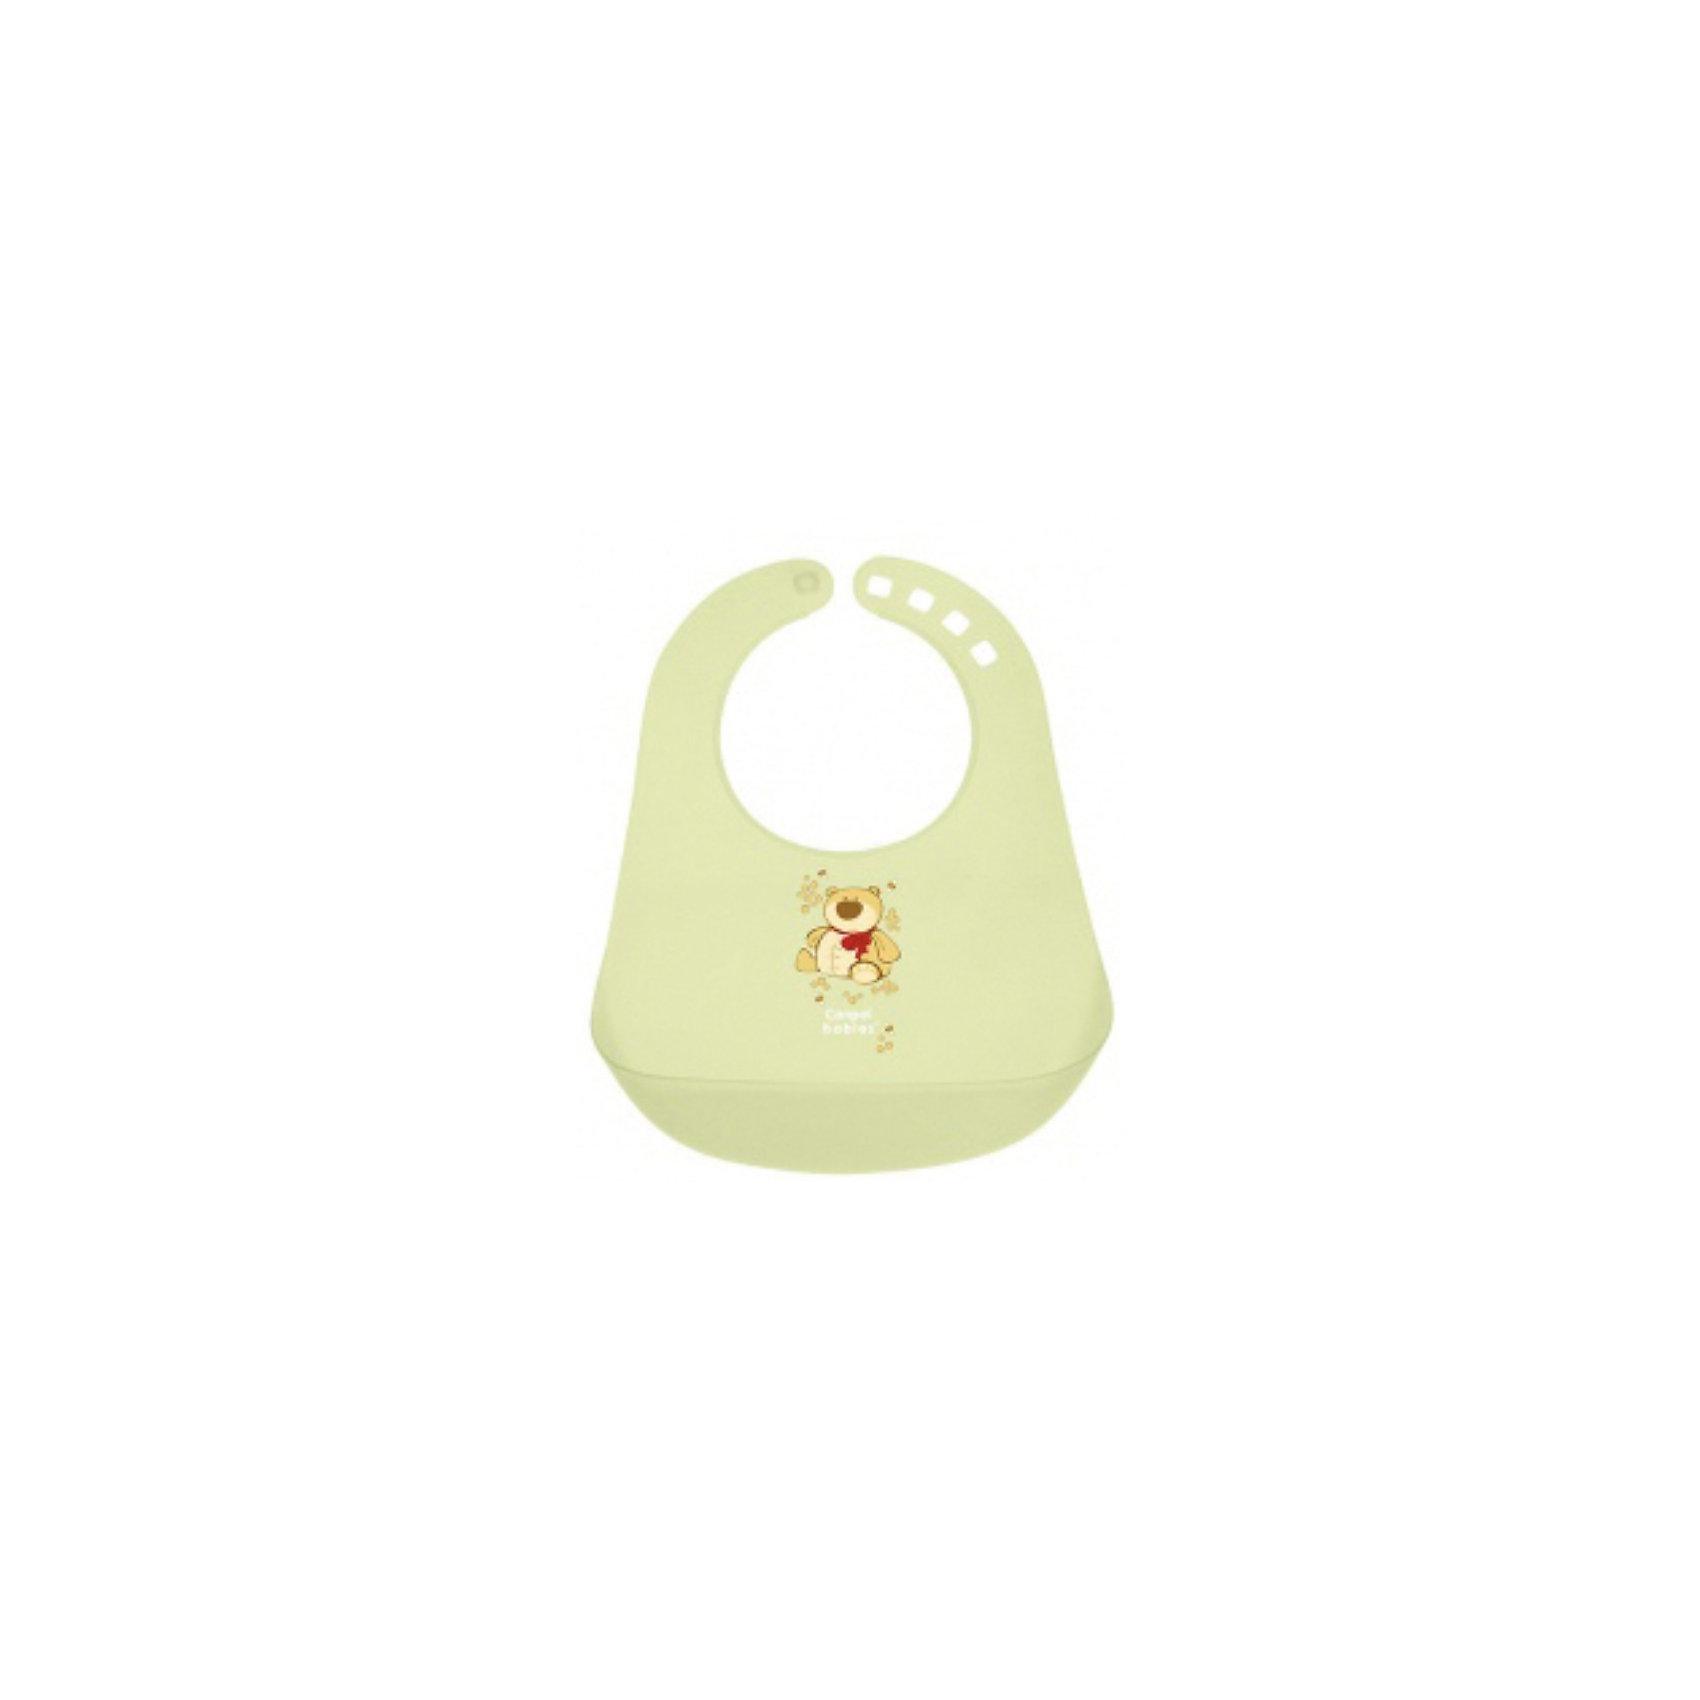 Пластиковый нагрудник, Canpol Babies, зеленый